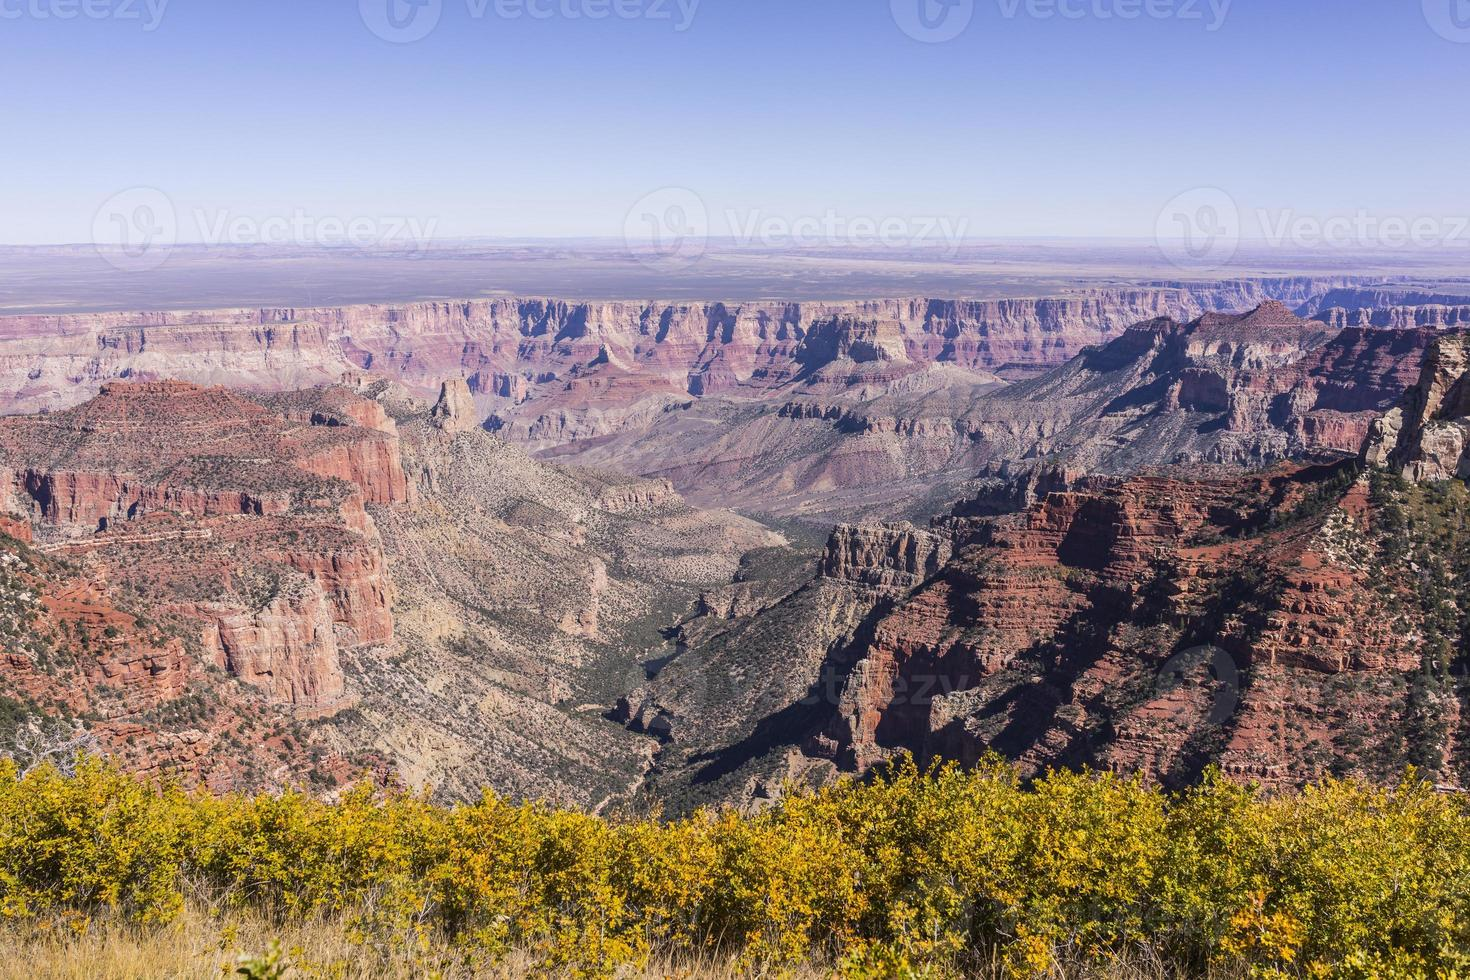 parc national du grand canyon. négliger de roosevelt point (rive nord) photo